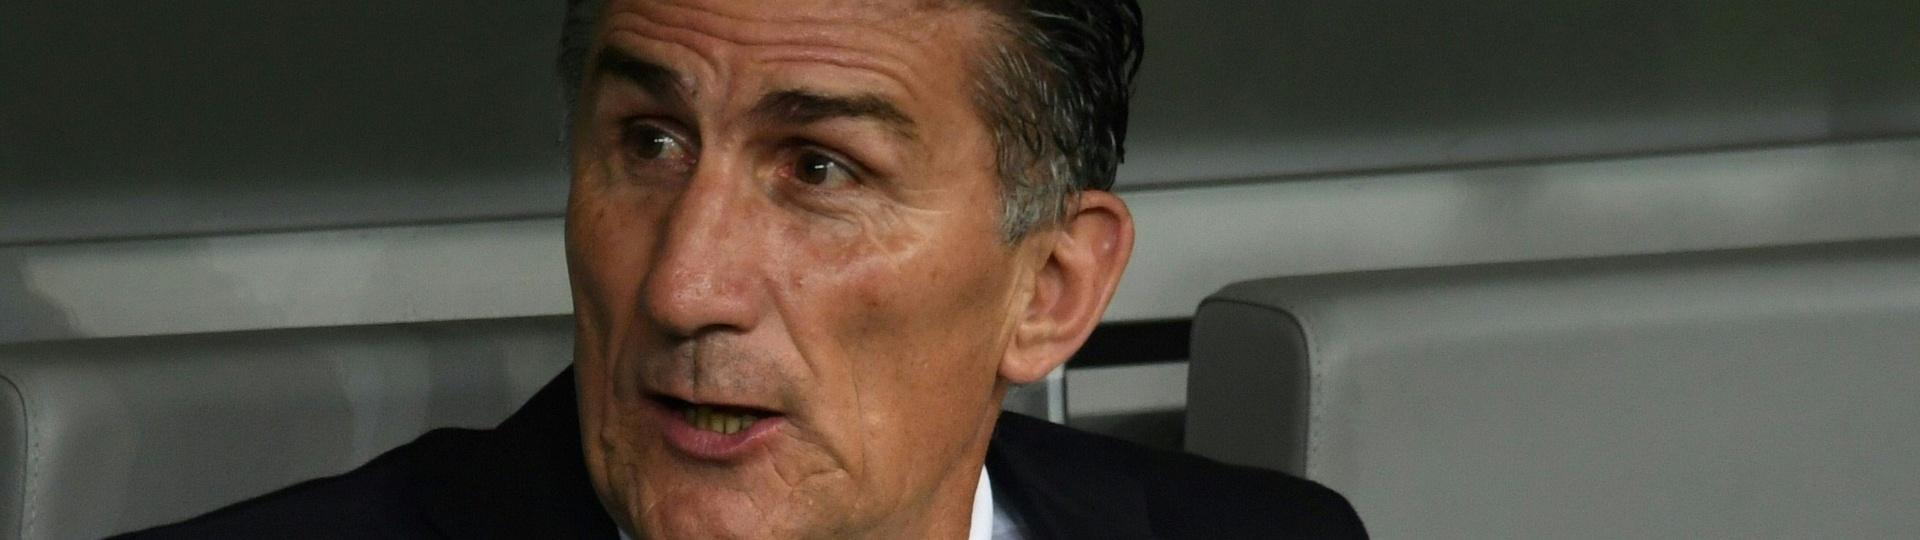 Edgardo Bauza chega pressionado para duelo contra o Brasil